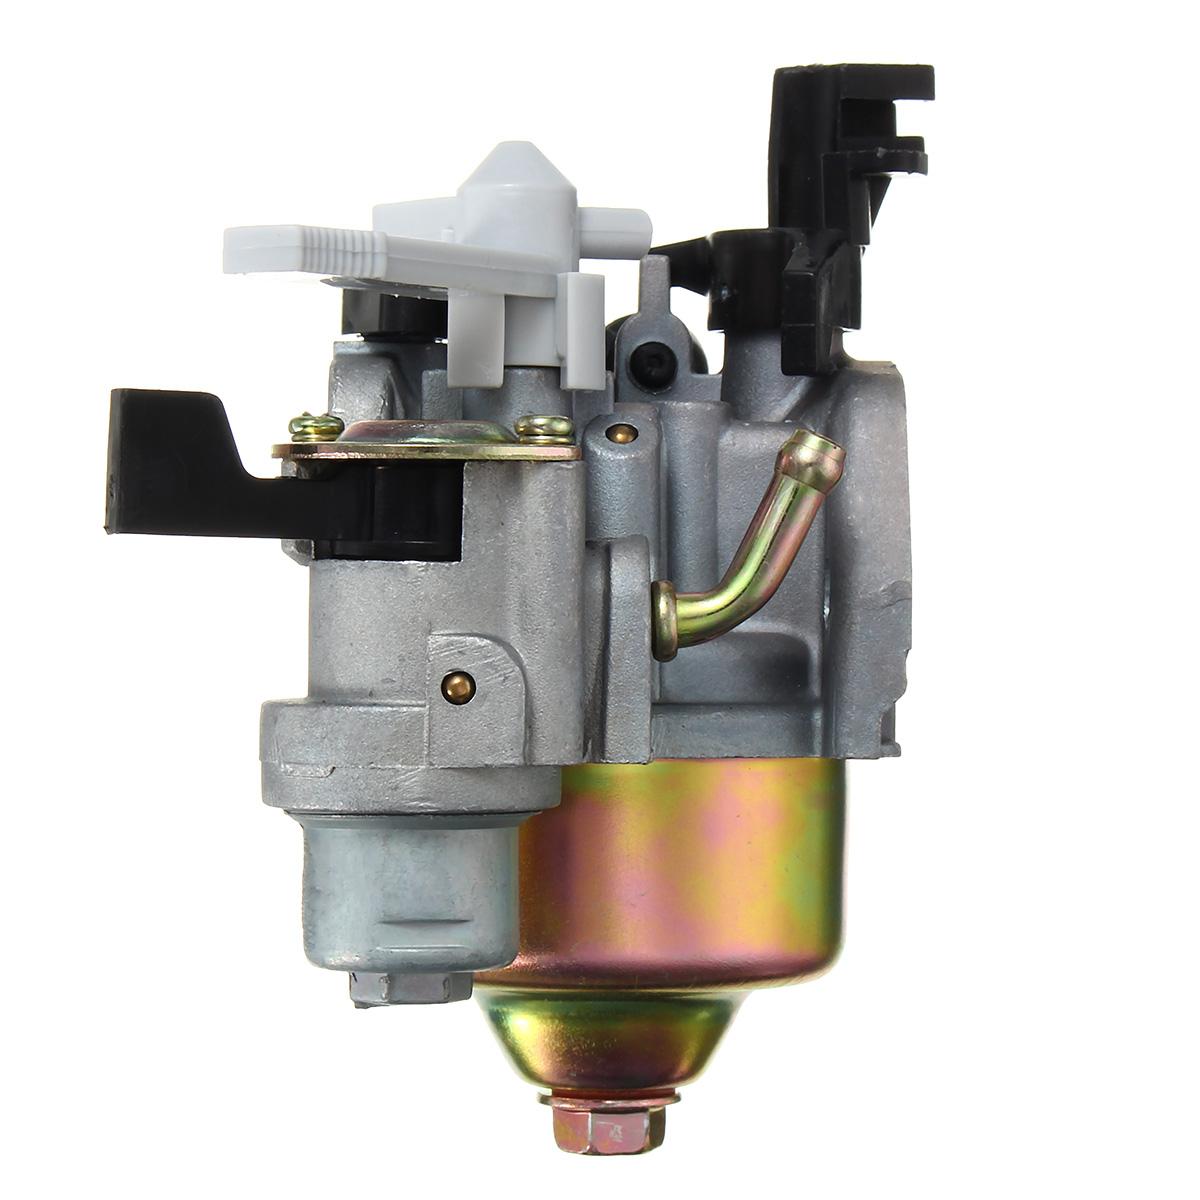 Прокладка фильтра карбюратора Масло Труба Набор Для Honda GX160 5.5HP GX200 16100-ZH8-W61 - фото 7